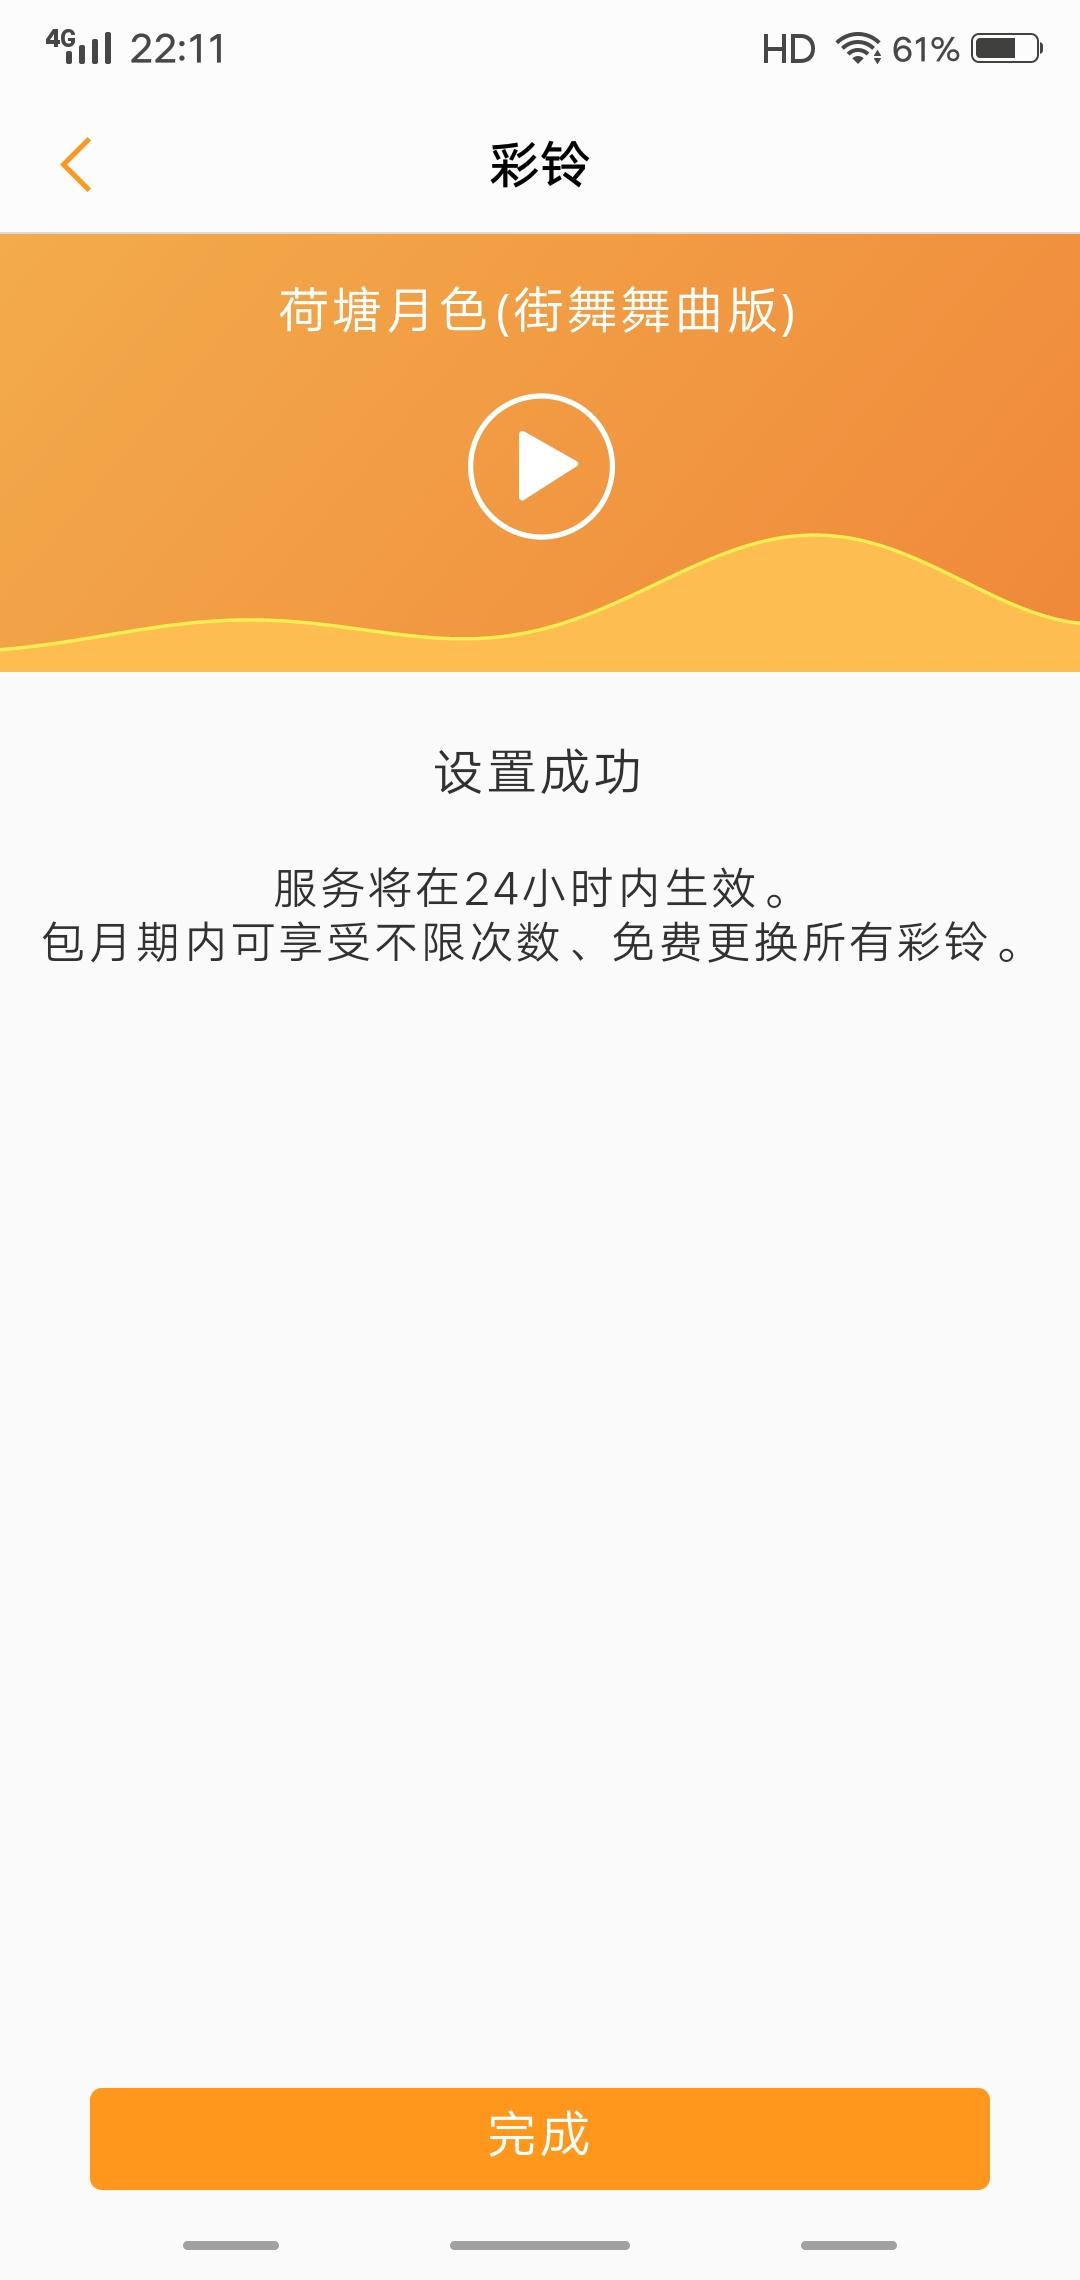 Screenshot_20180413_221100.jpg